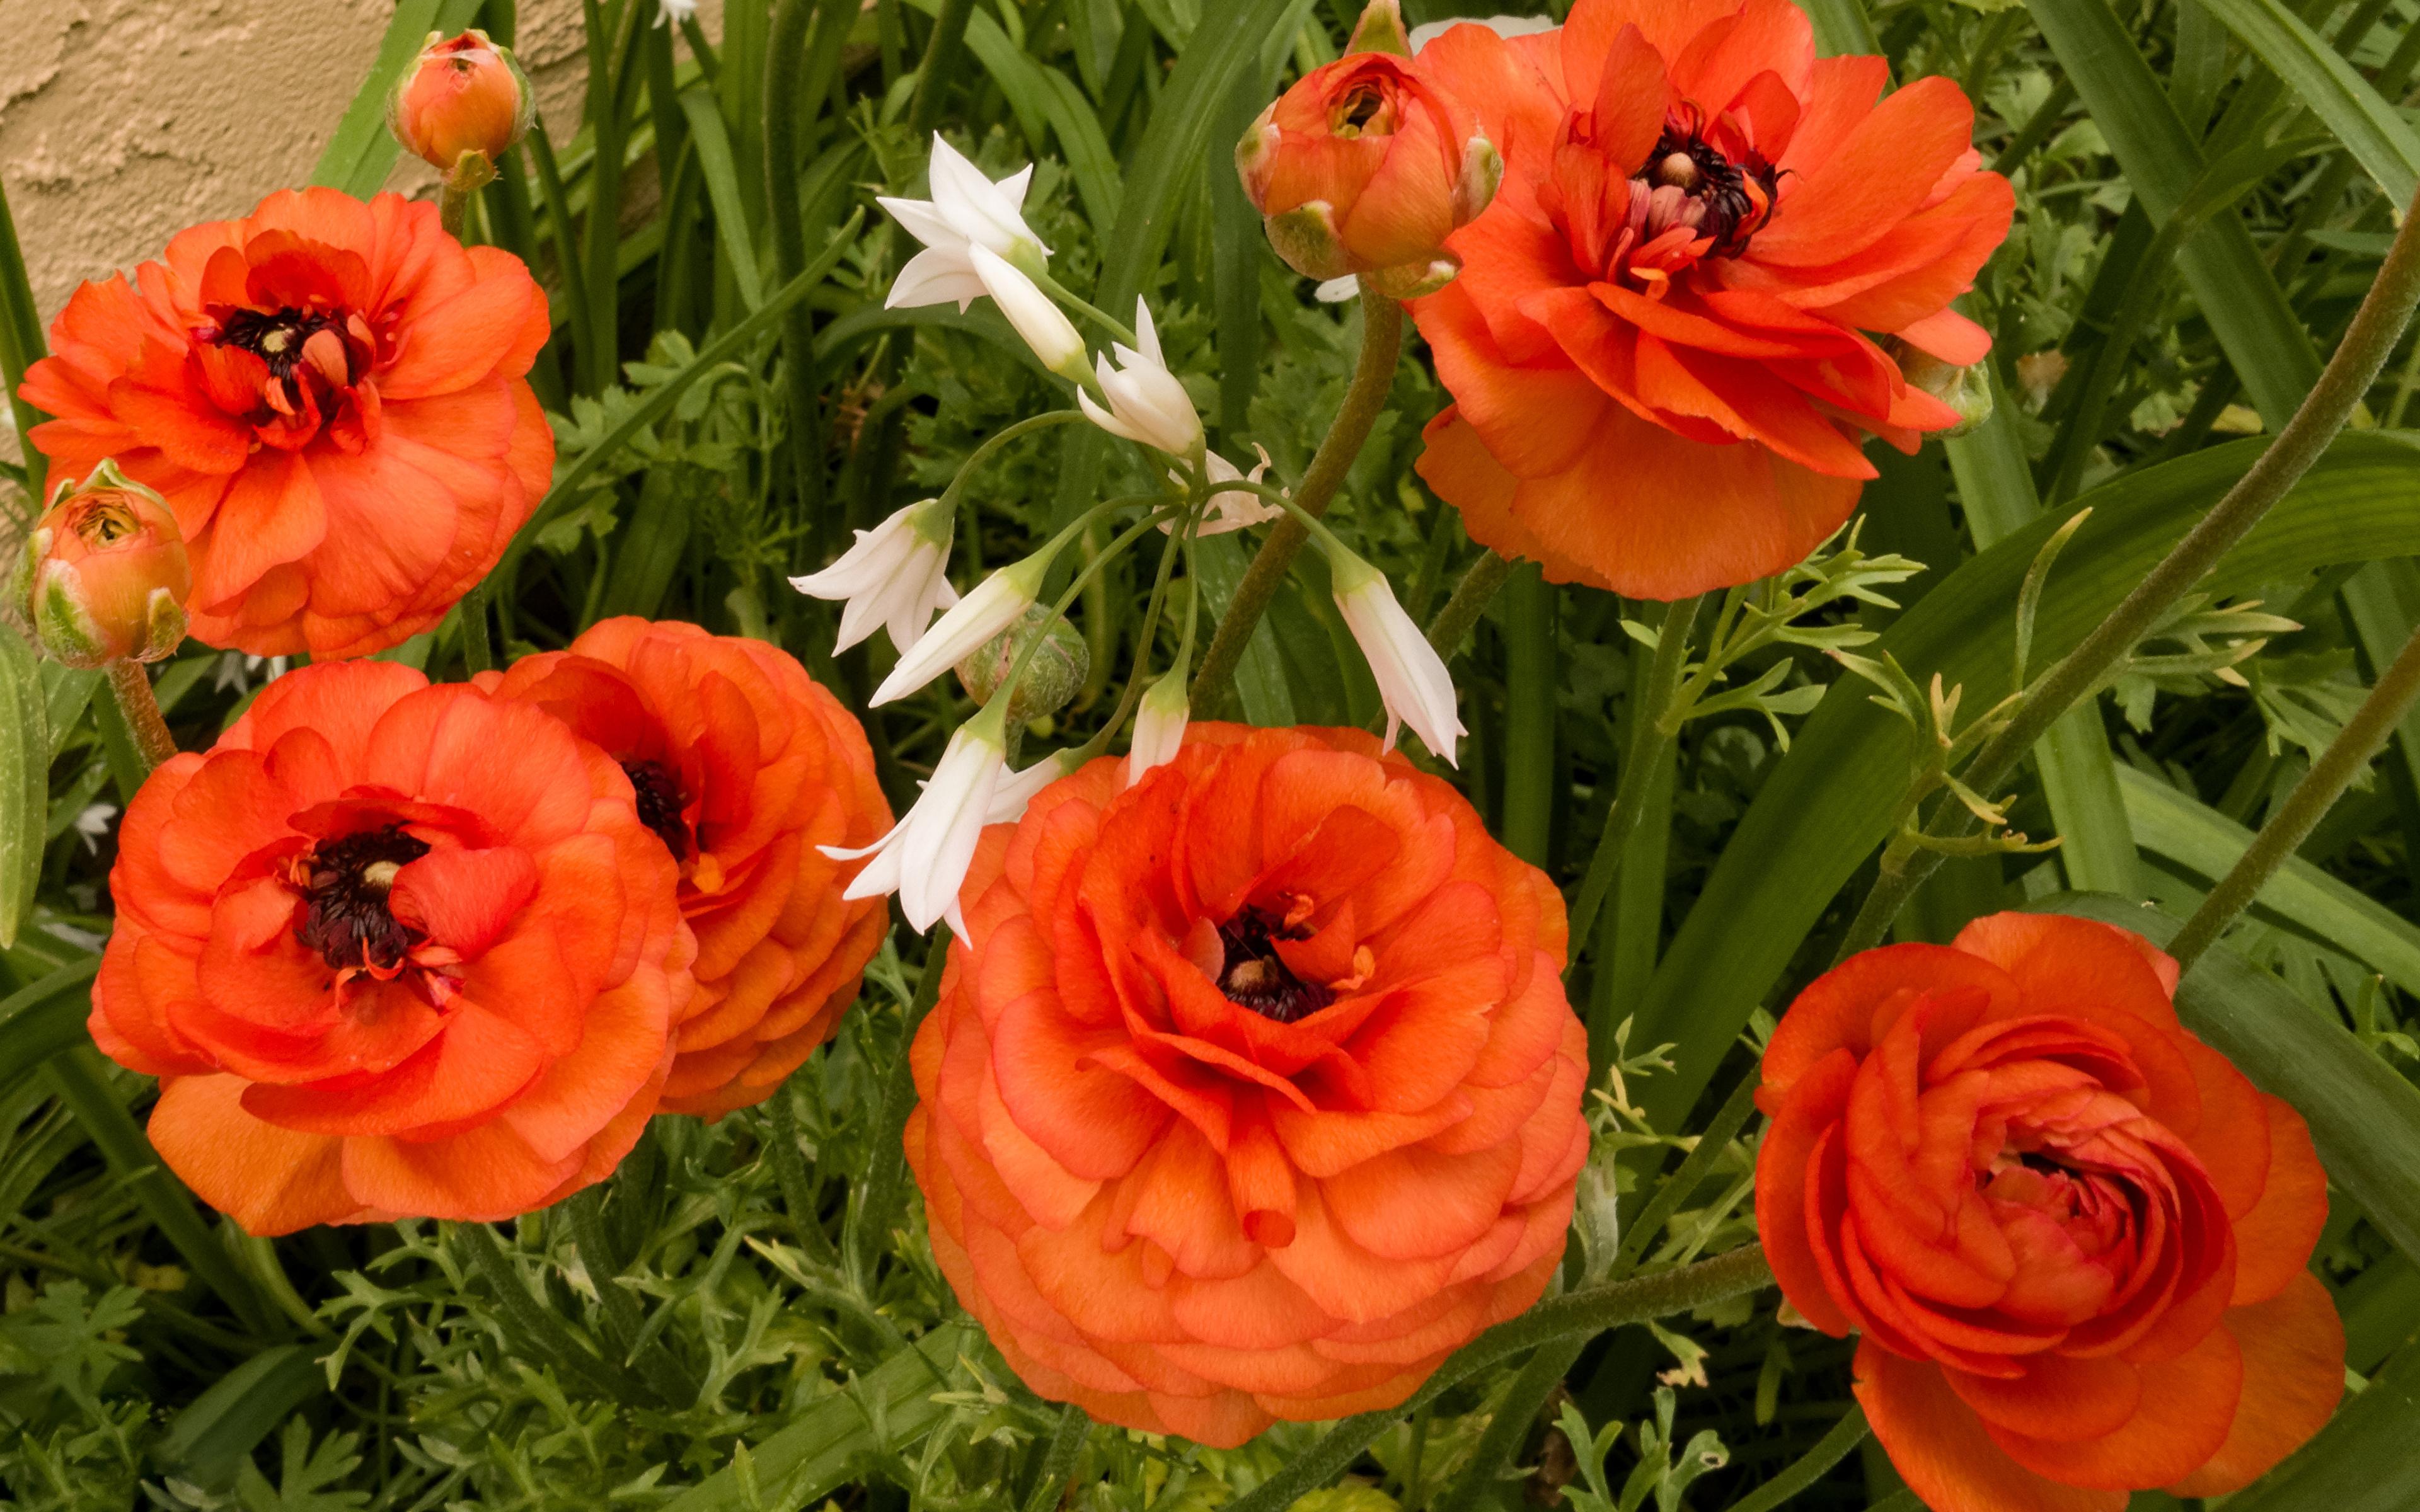 Цветы оранжевые лютик бесплатно